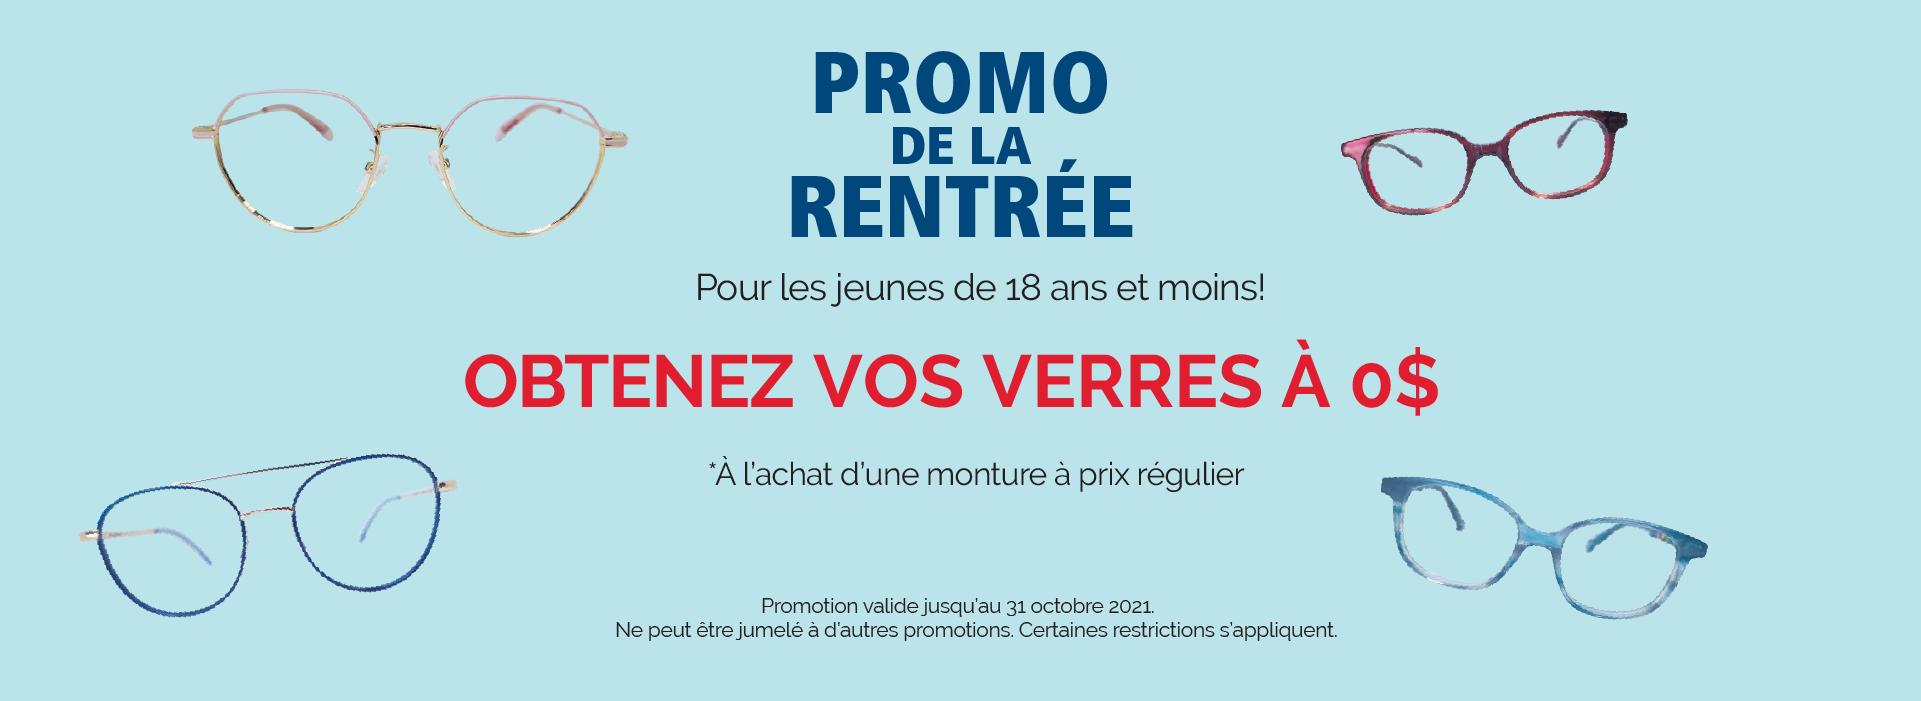 lunetterieMeandres_aout2021_PROMO-PROMO